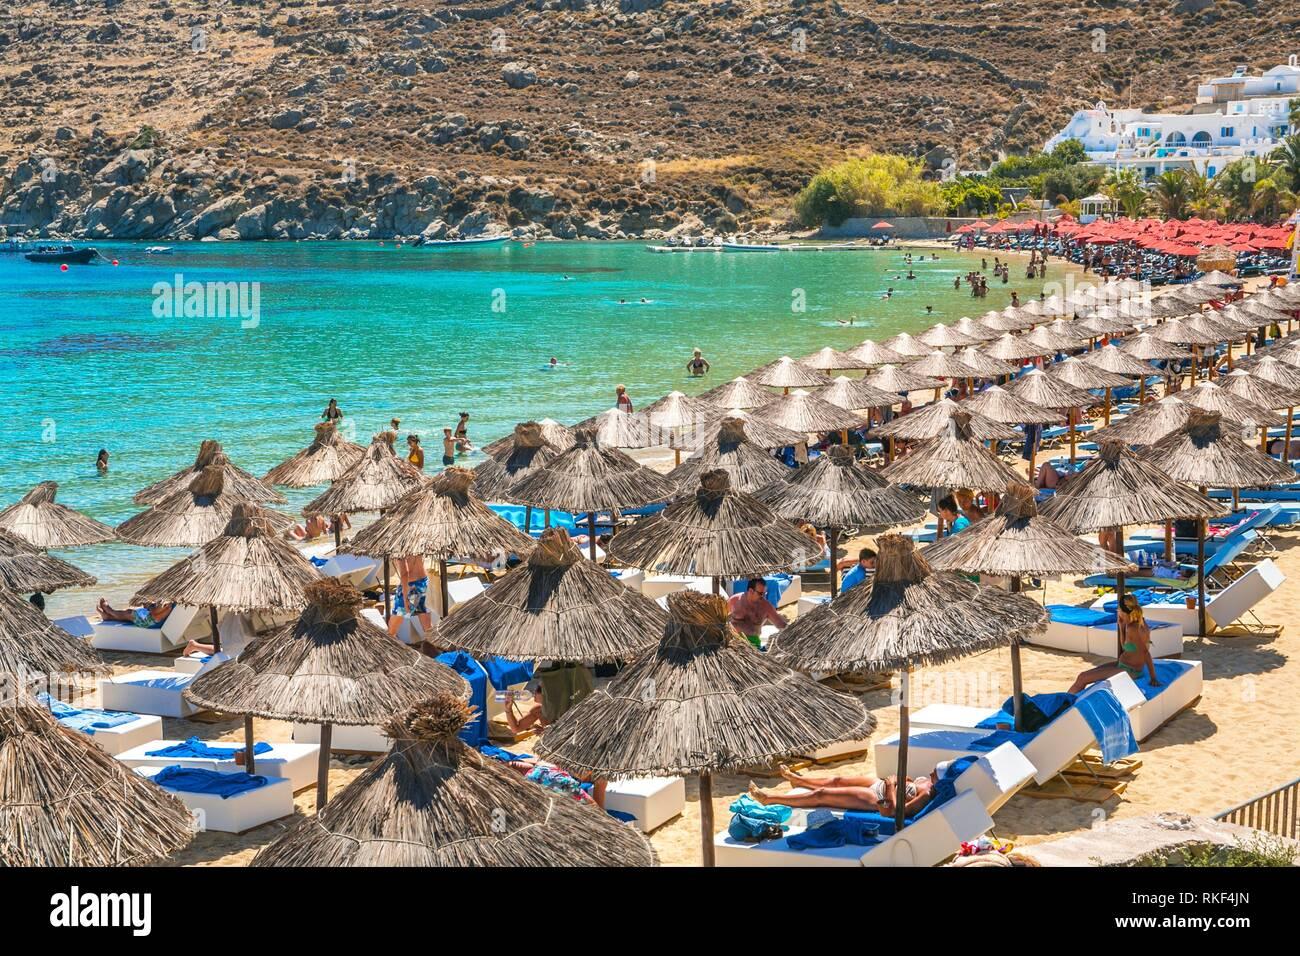 Best Island Beaches For Partying Mykonos St Barts: Greece And Beach Mykonos Stock Photos & Greece And Beach